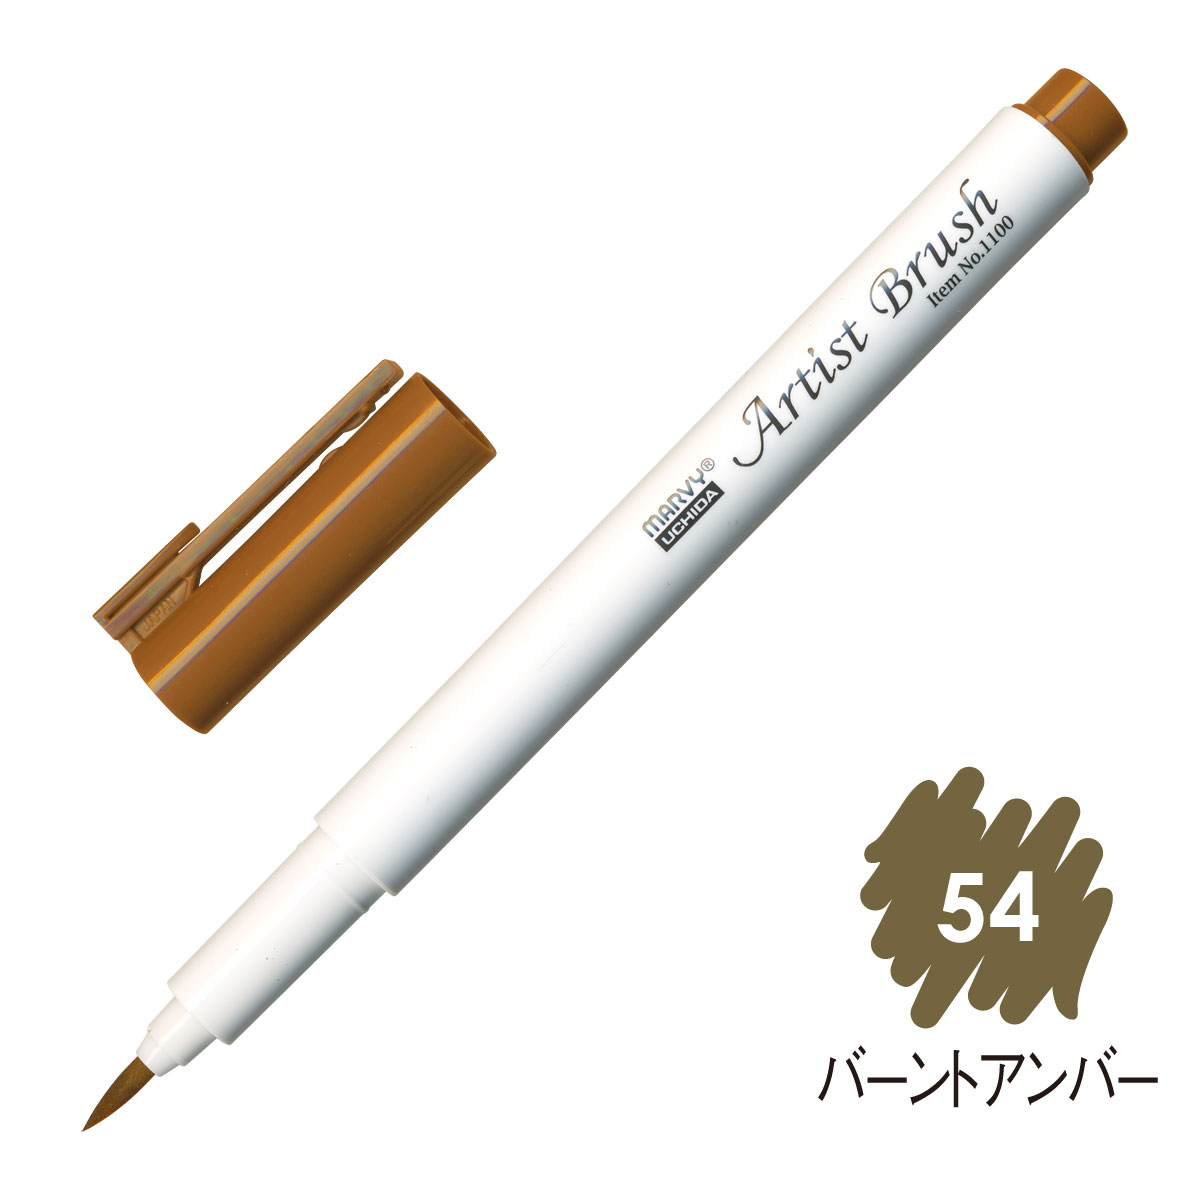 マービー 水性染料 細筆マーカー アーティストブラシ 単品 バーントアンバー(54) 1100-54画像